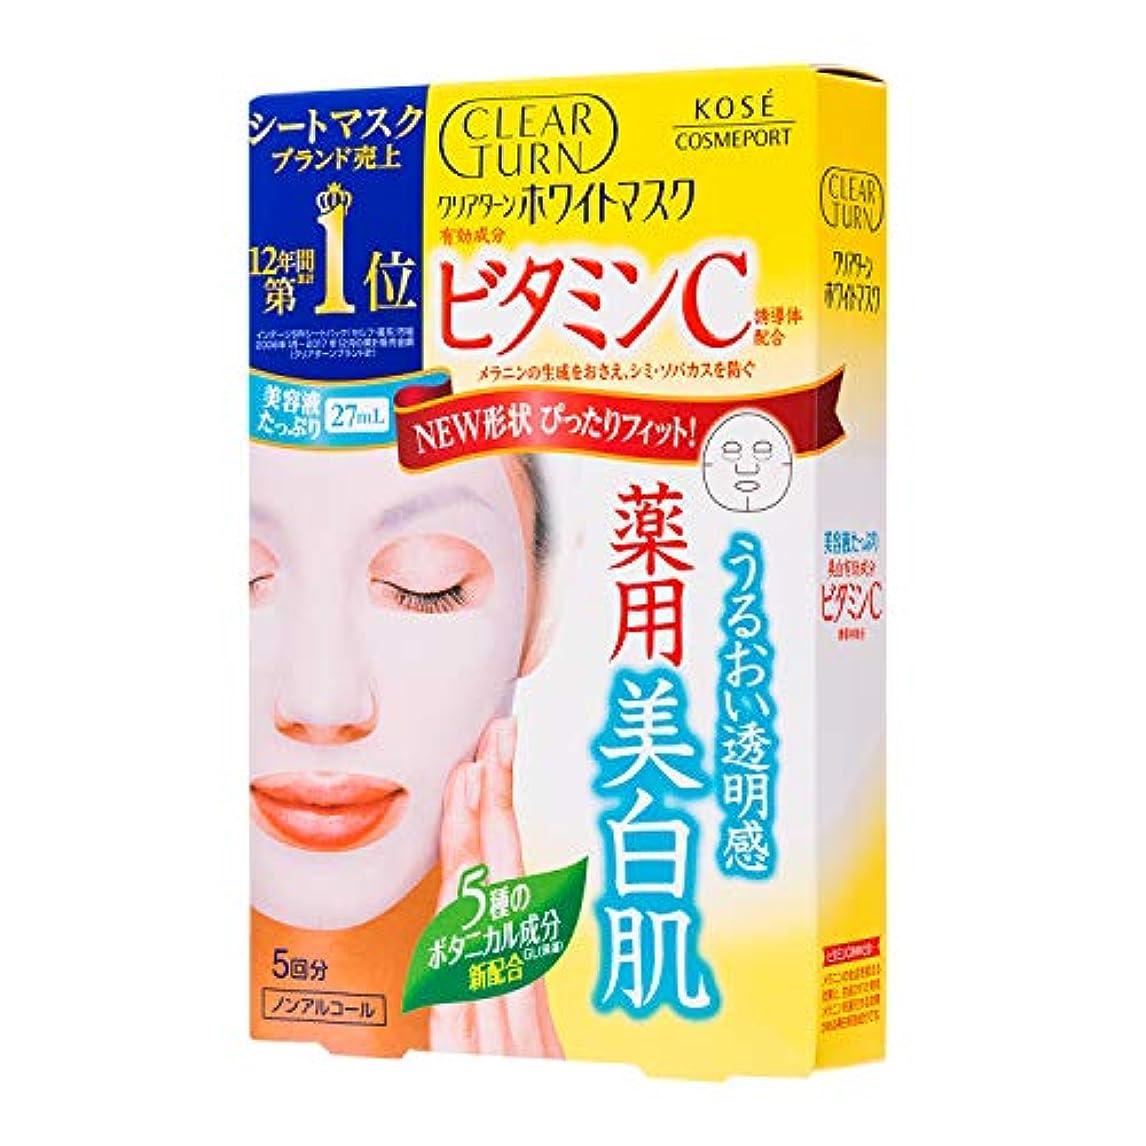 歩き回るリテラシー感情のKOSE コーセー クリアターン ホワイト マスク VC (ビタミンC) 5枚 フェイスマスク